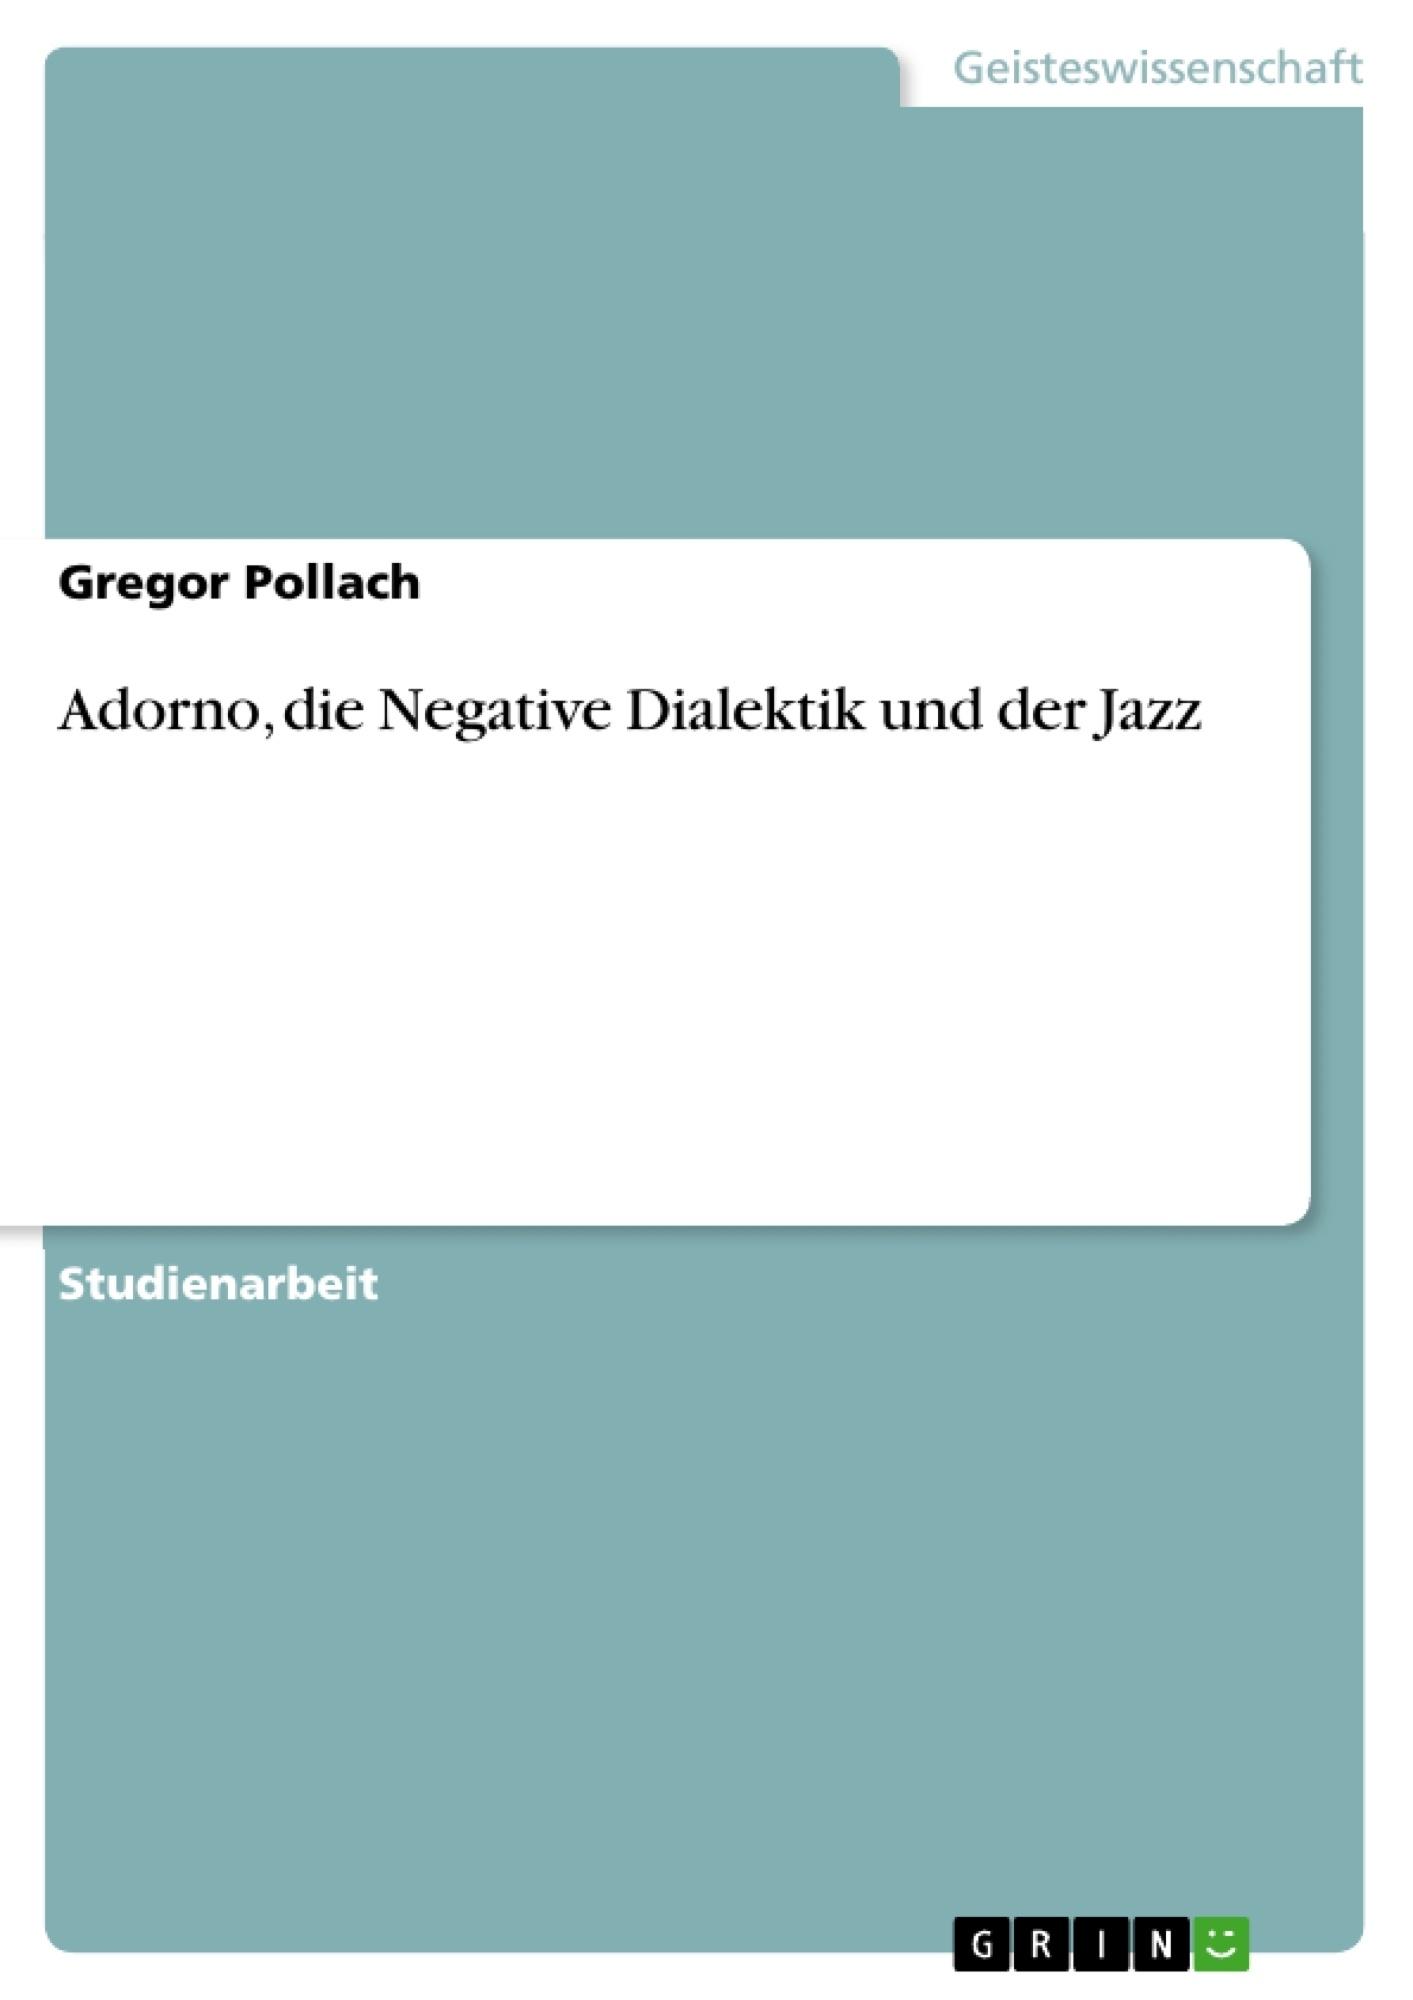 Titel: Adorno, die Negative Dialektik und der Jazz